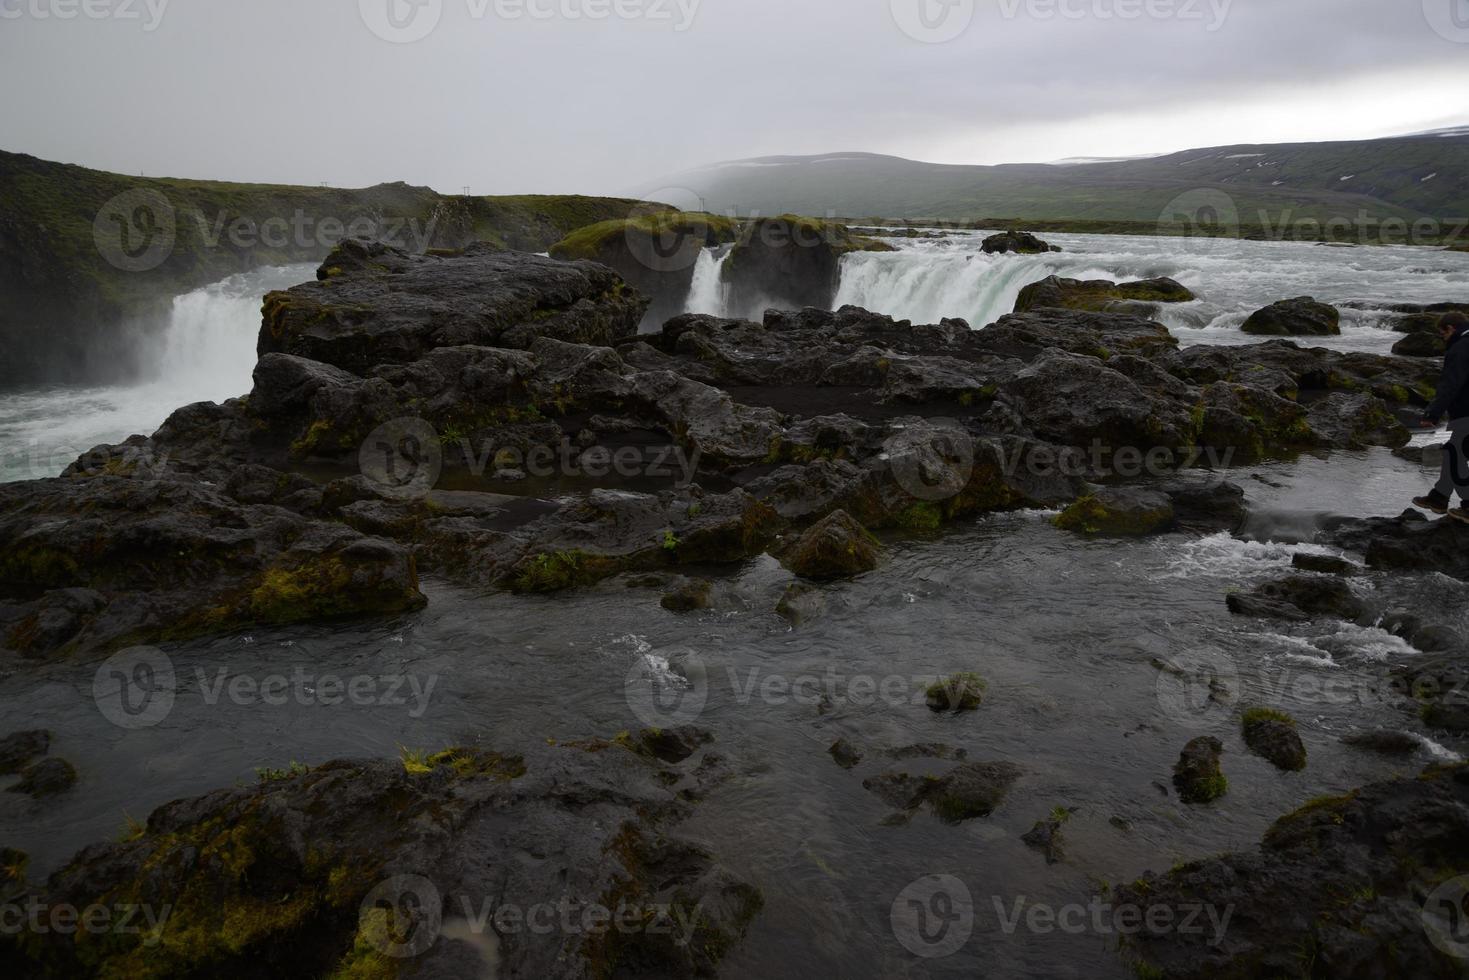 Wasserfall auf der Insel foto